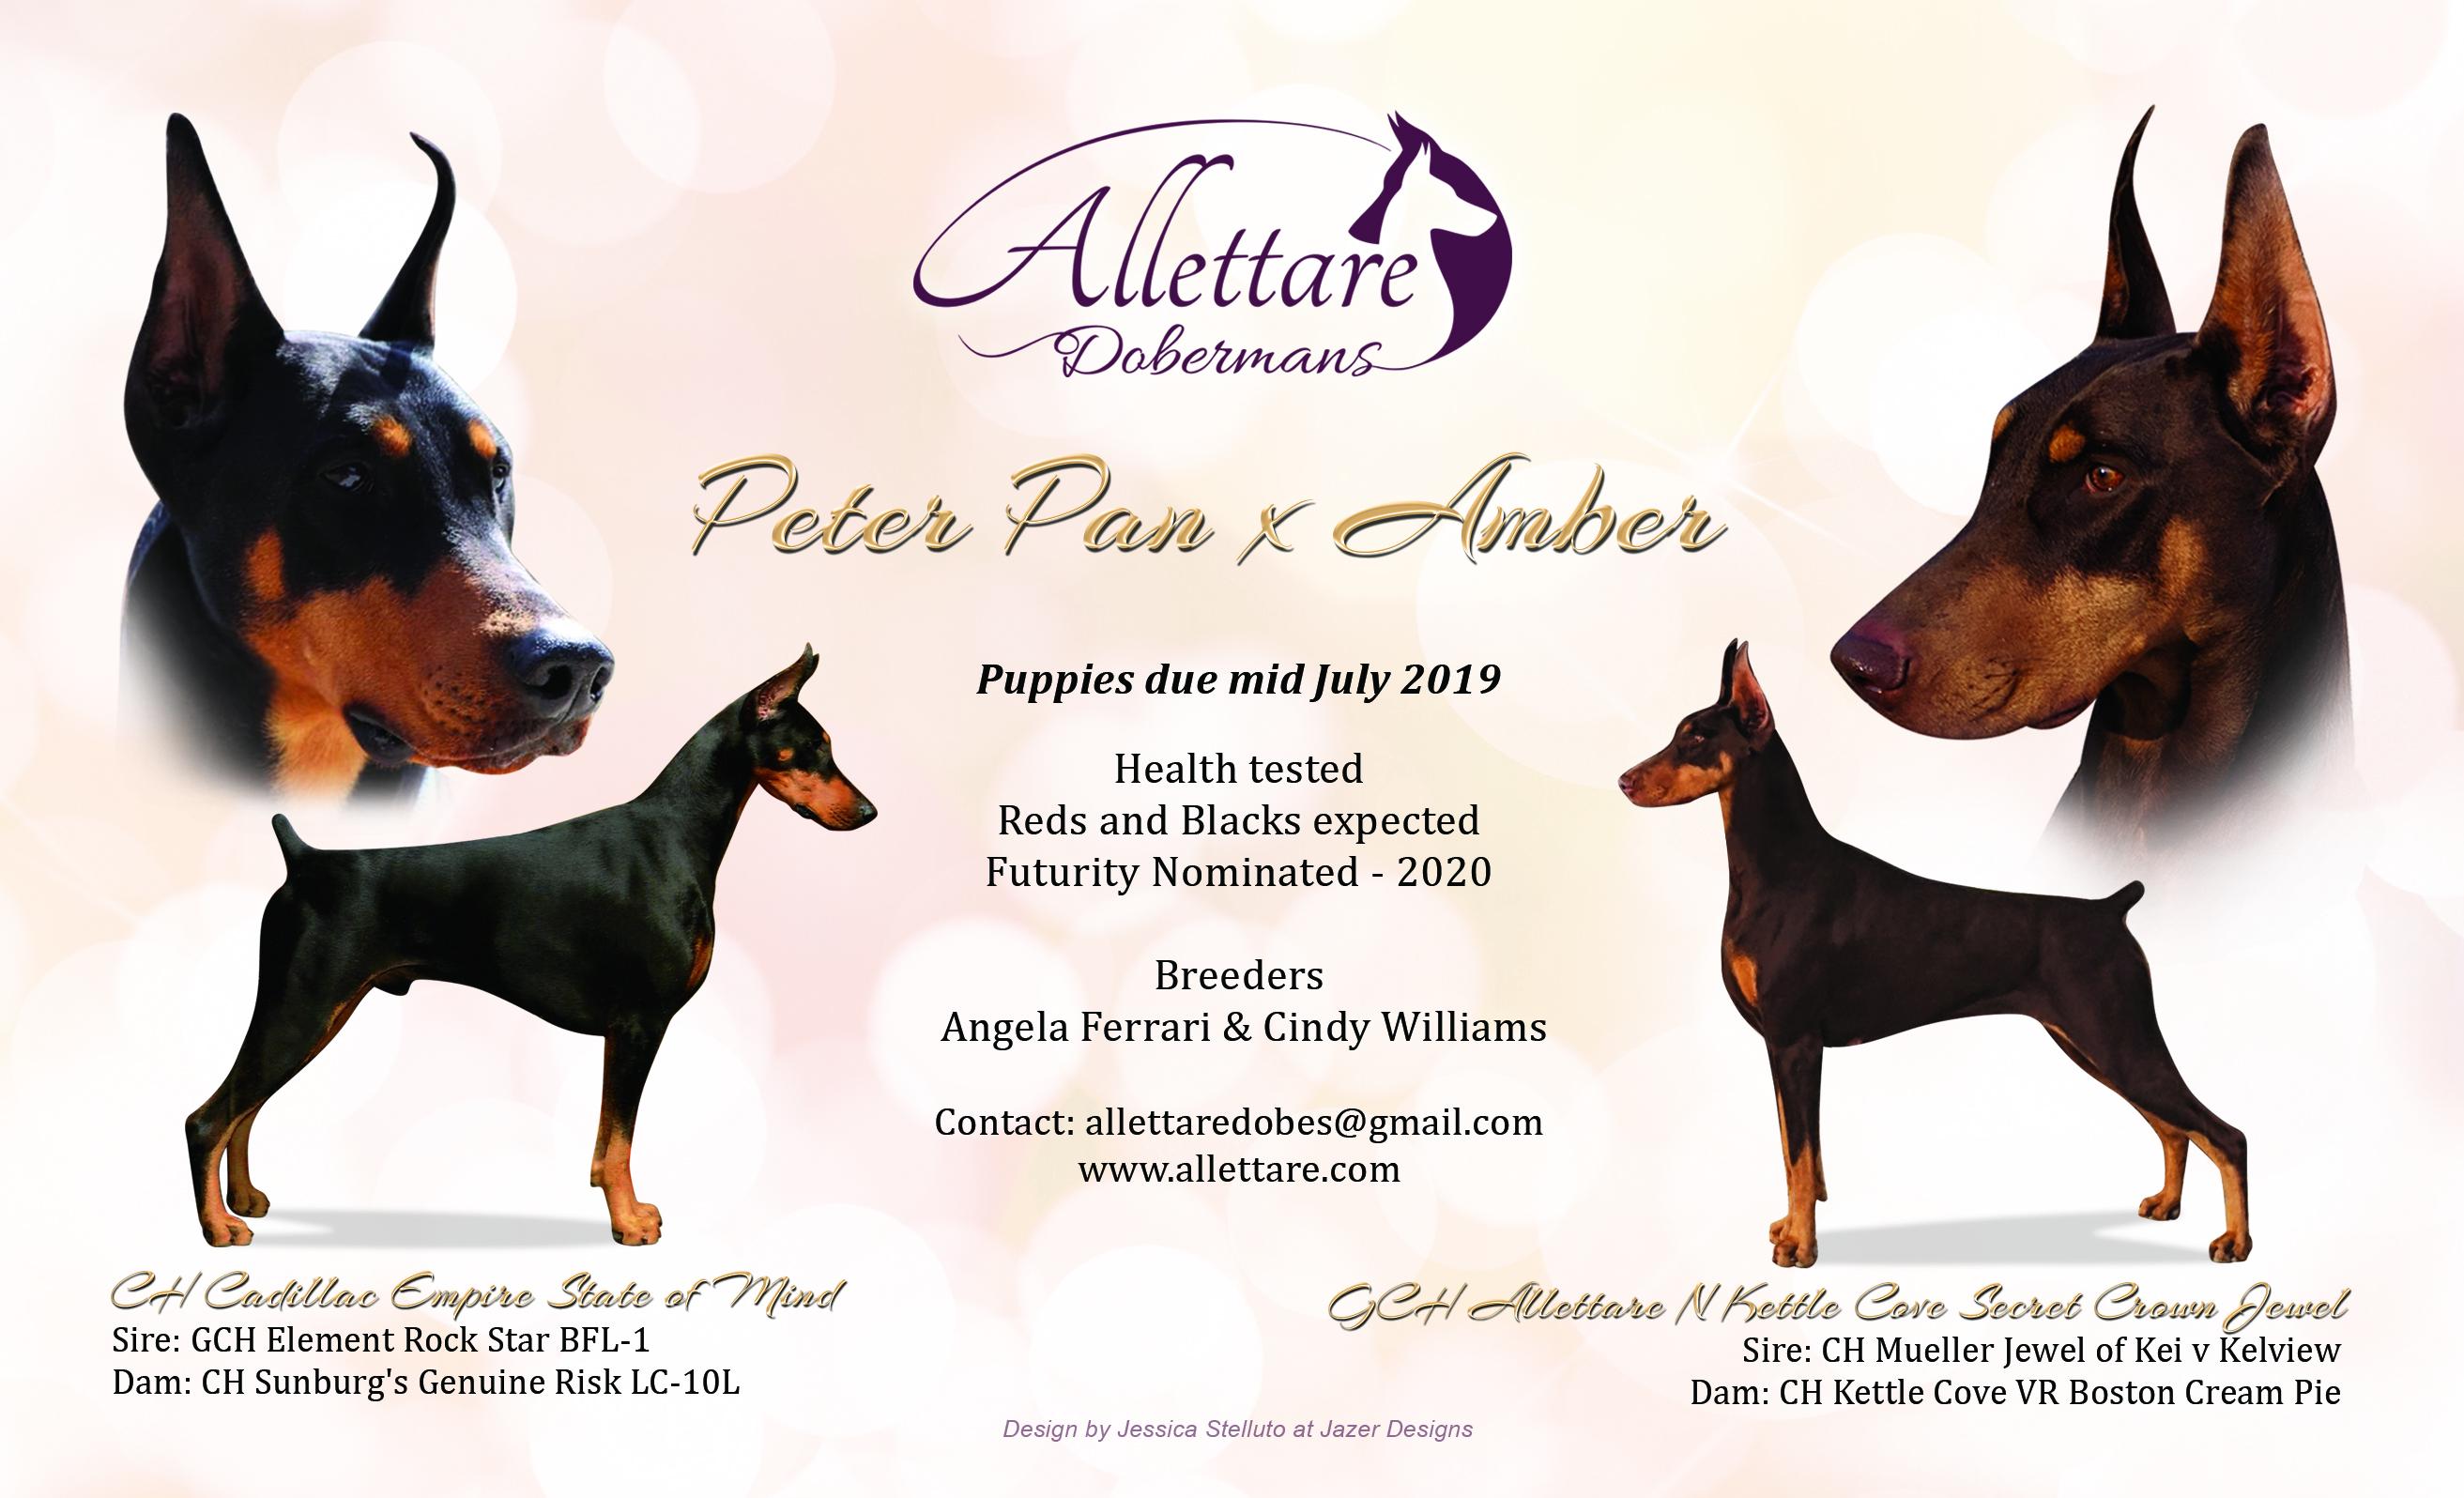 Peter Pan x Amber Litter Announcement